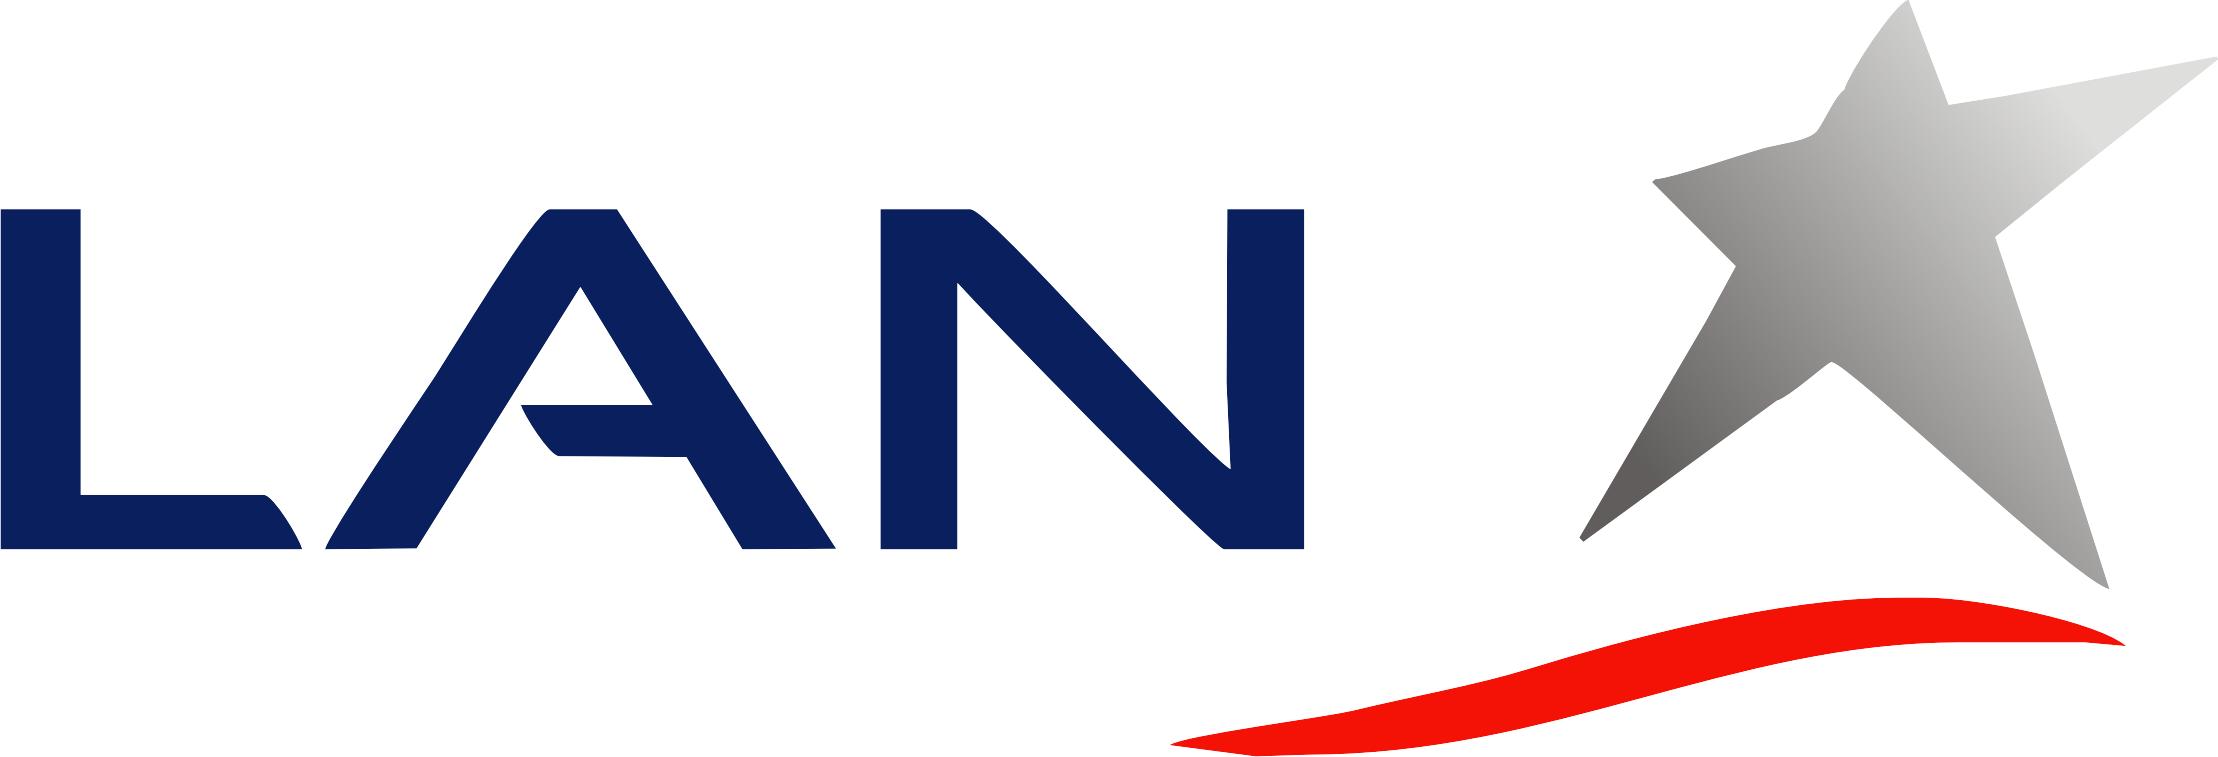 File:Logo lan.png.